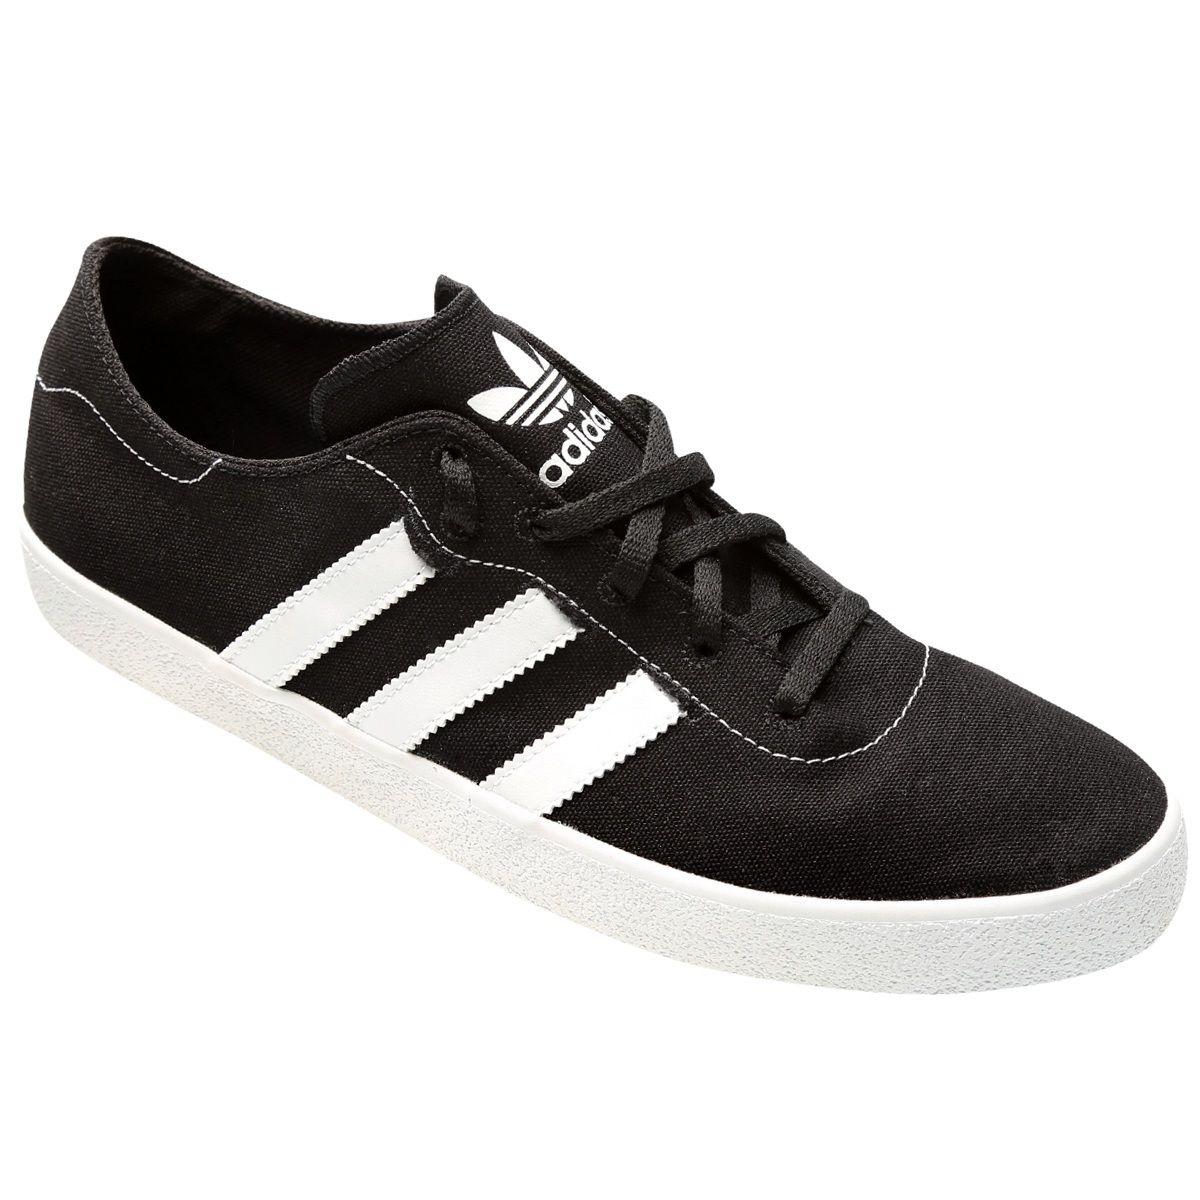 Tênis Adidas ADI Ease Surf - themeshoes 5f3ce3527529c